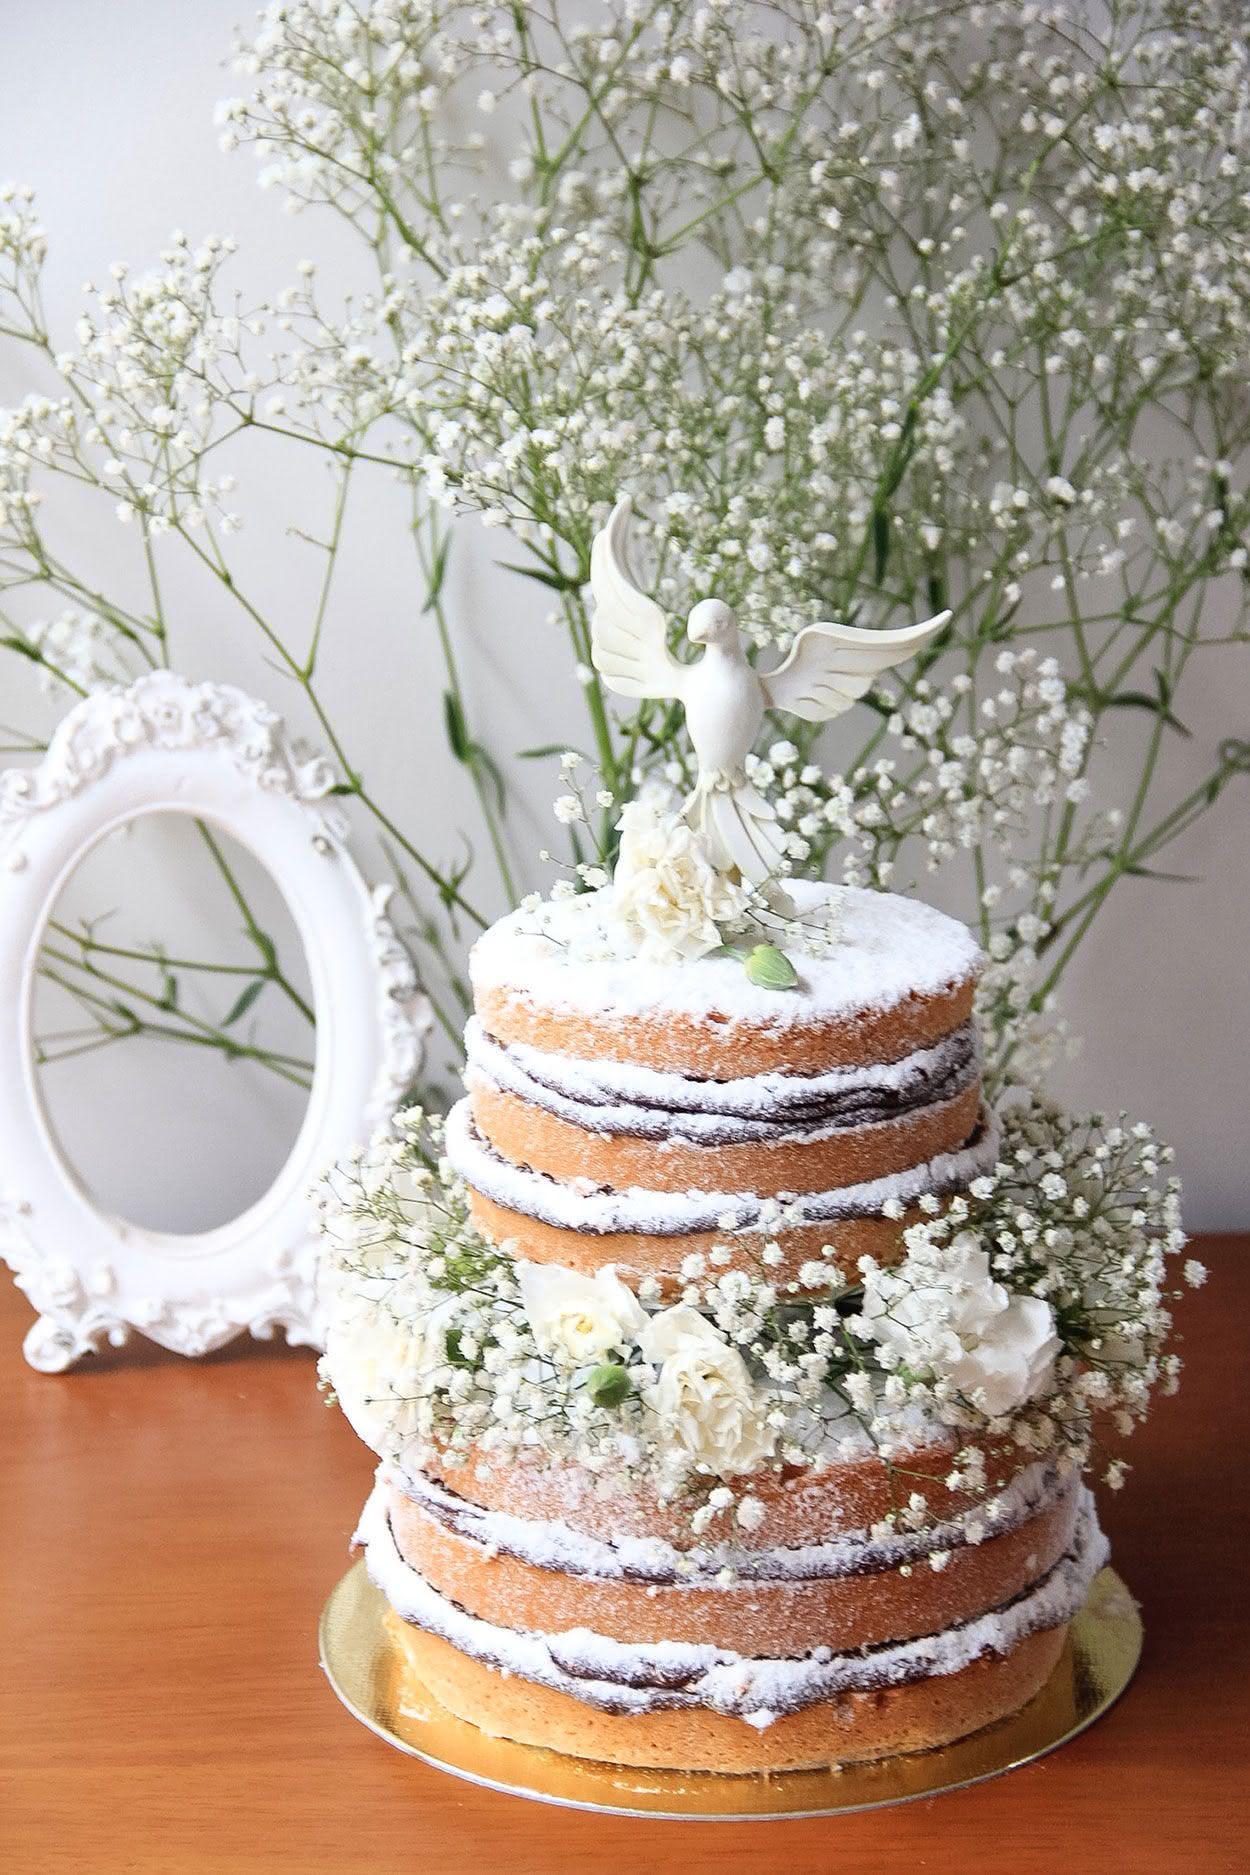 Naked cake traz o frescor e perfume das flores